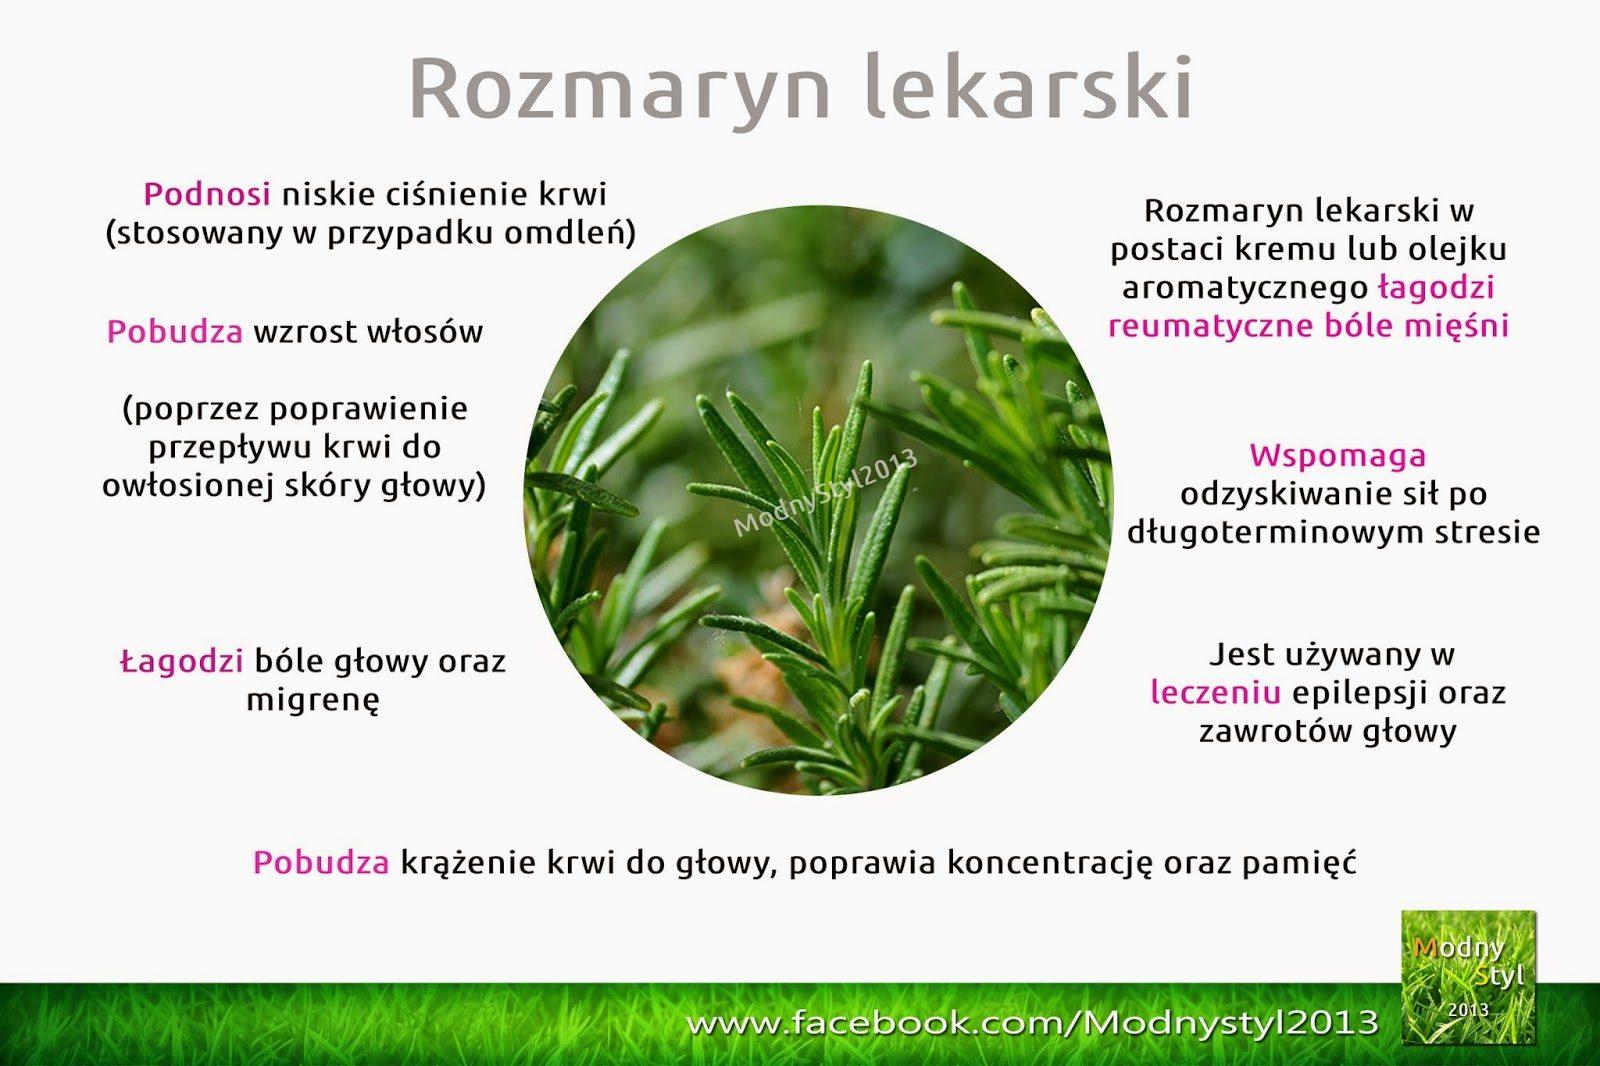 rozmaryn2blekarski-1484209